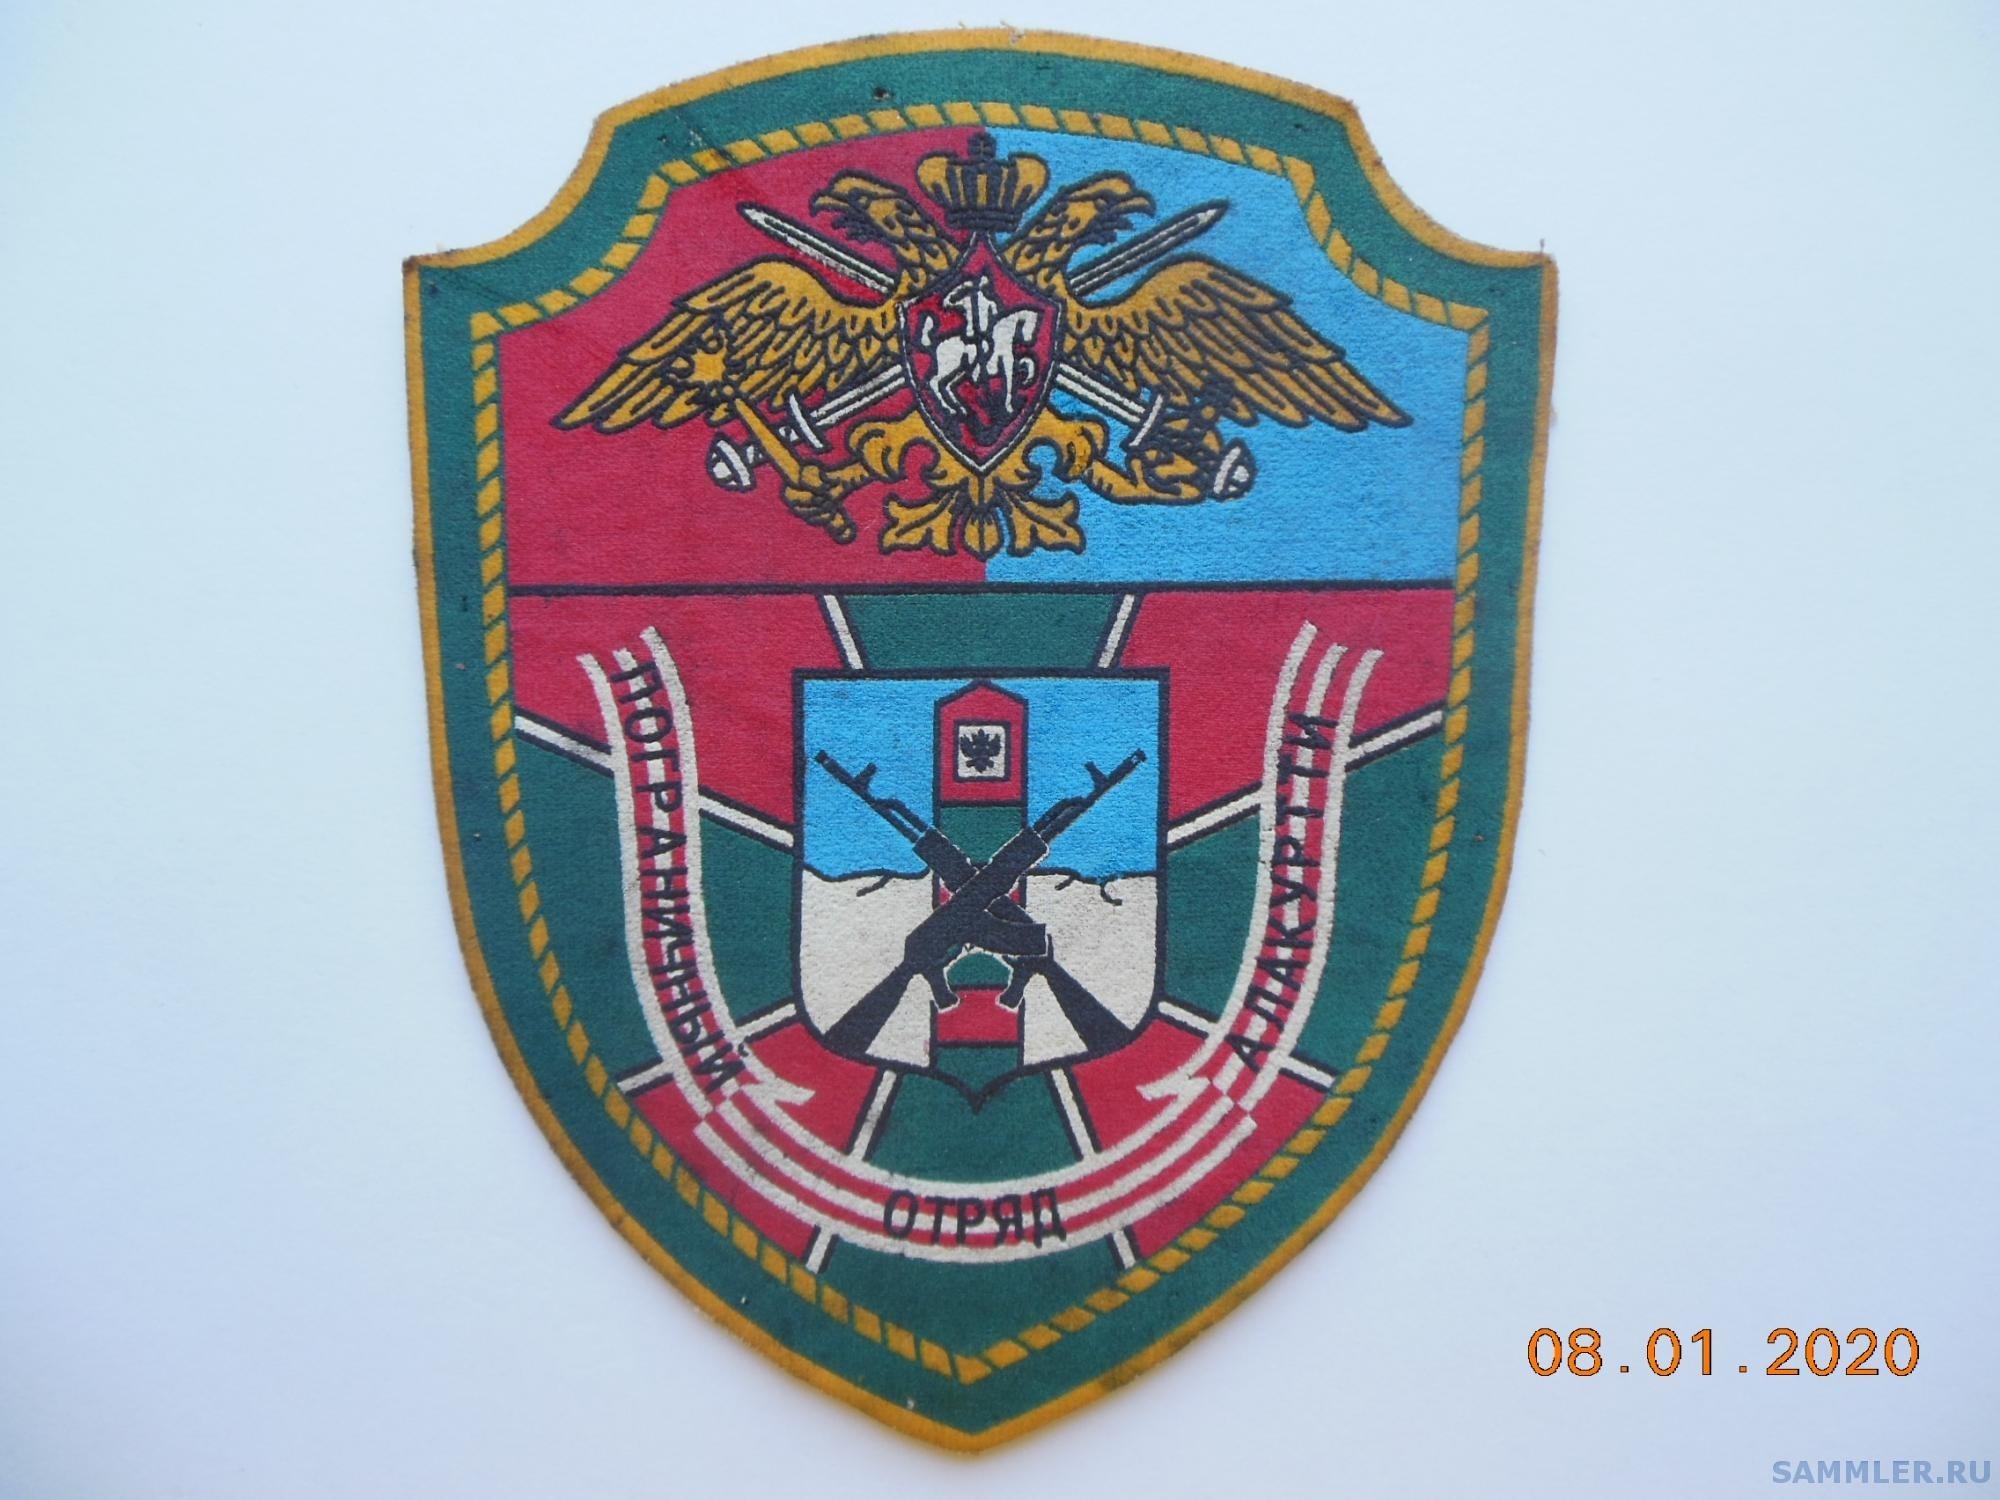 DSCN9631.JPG